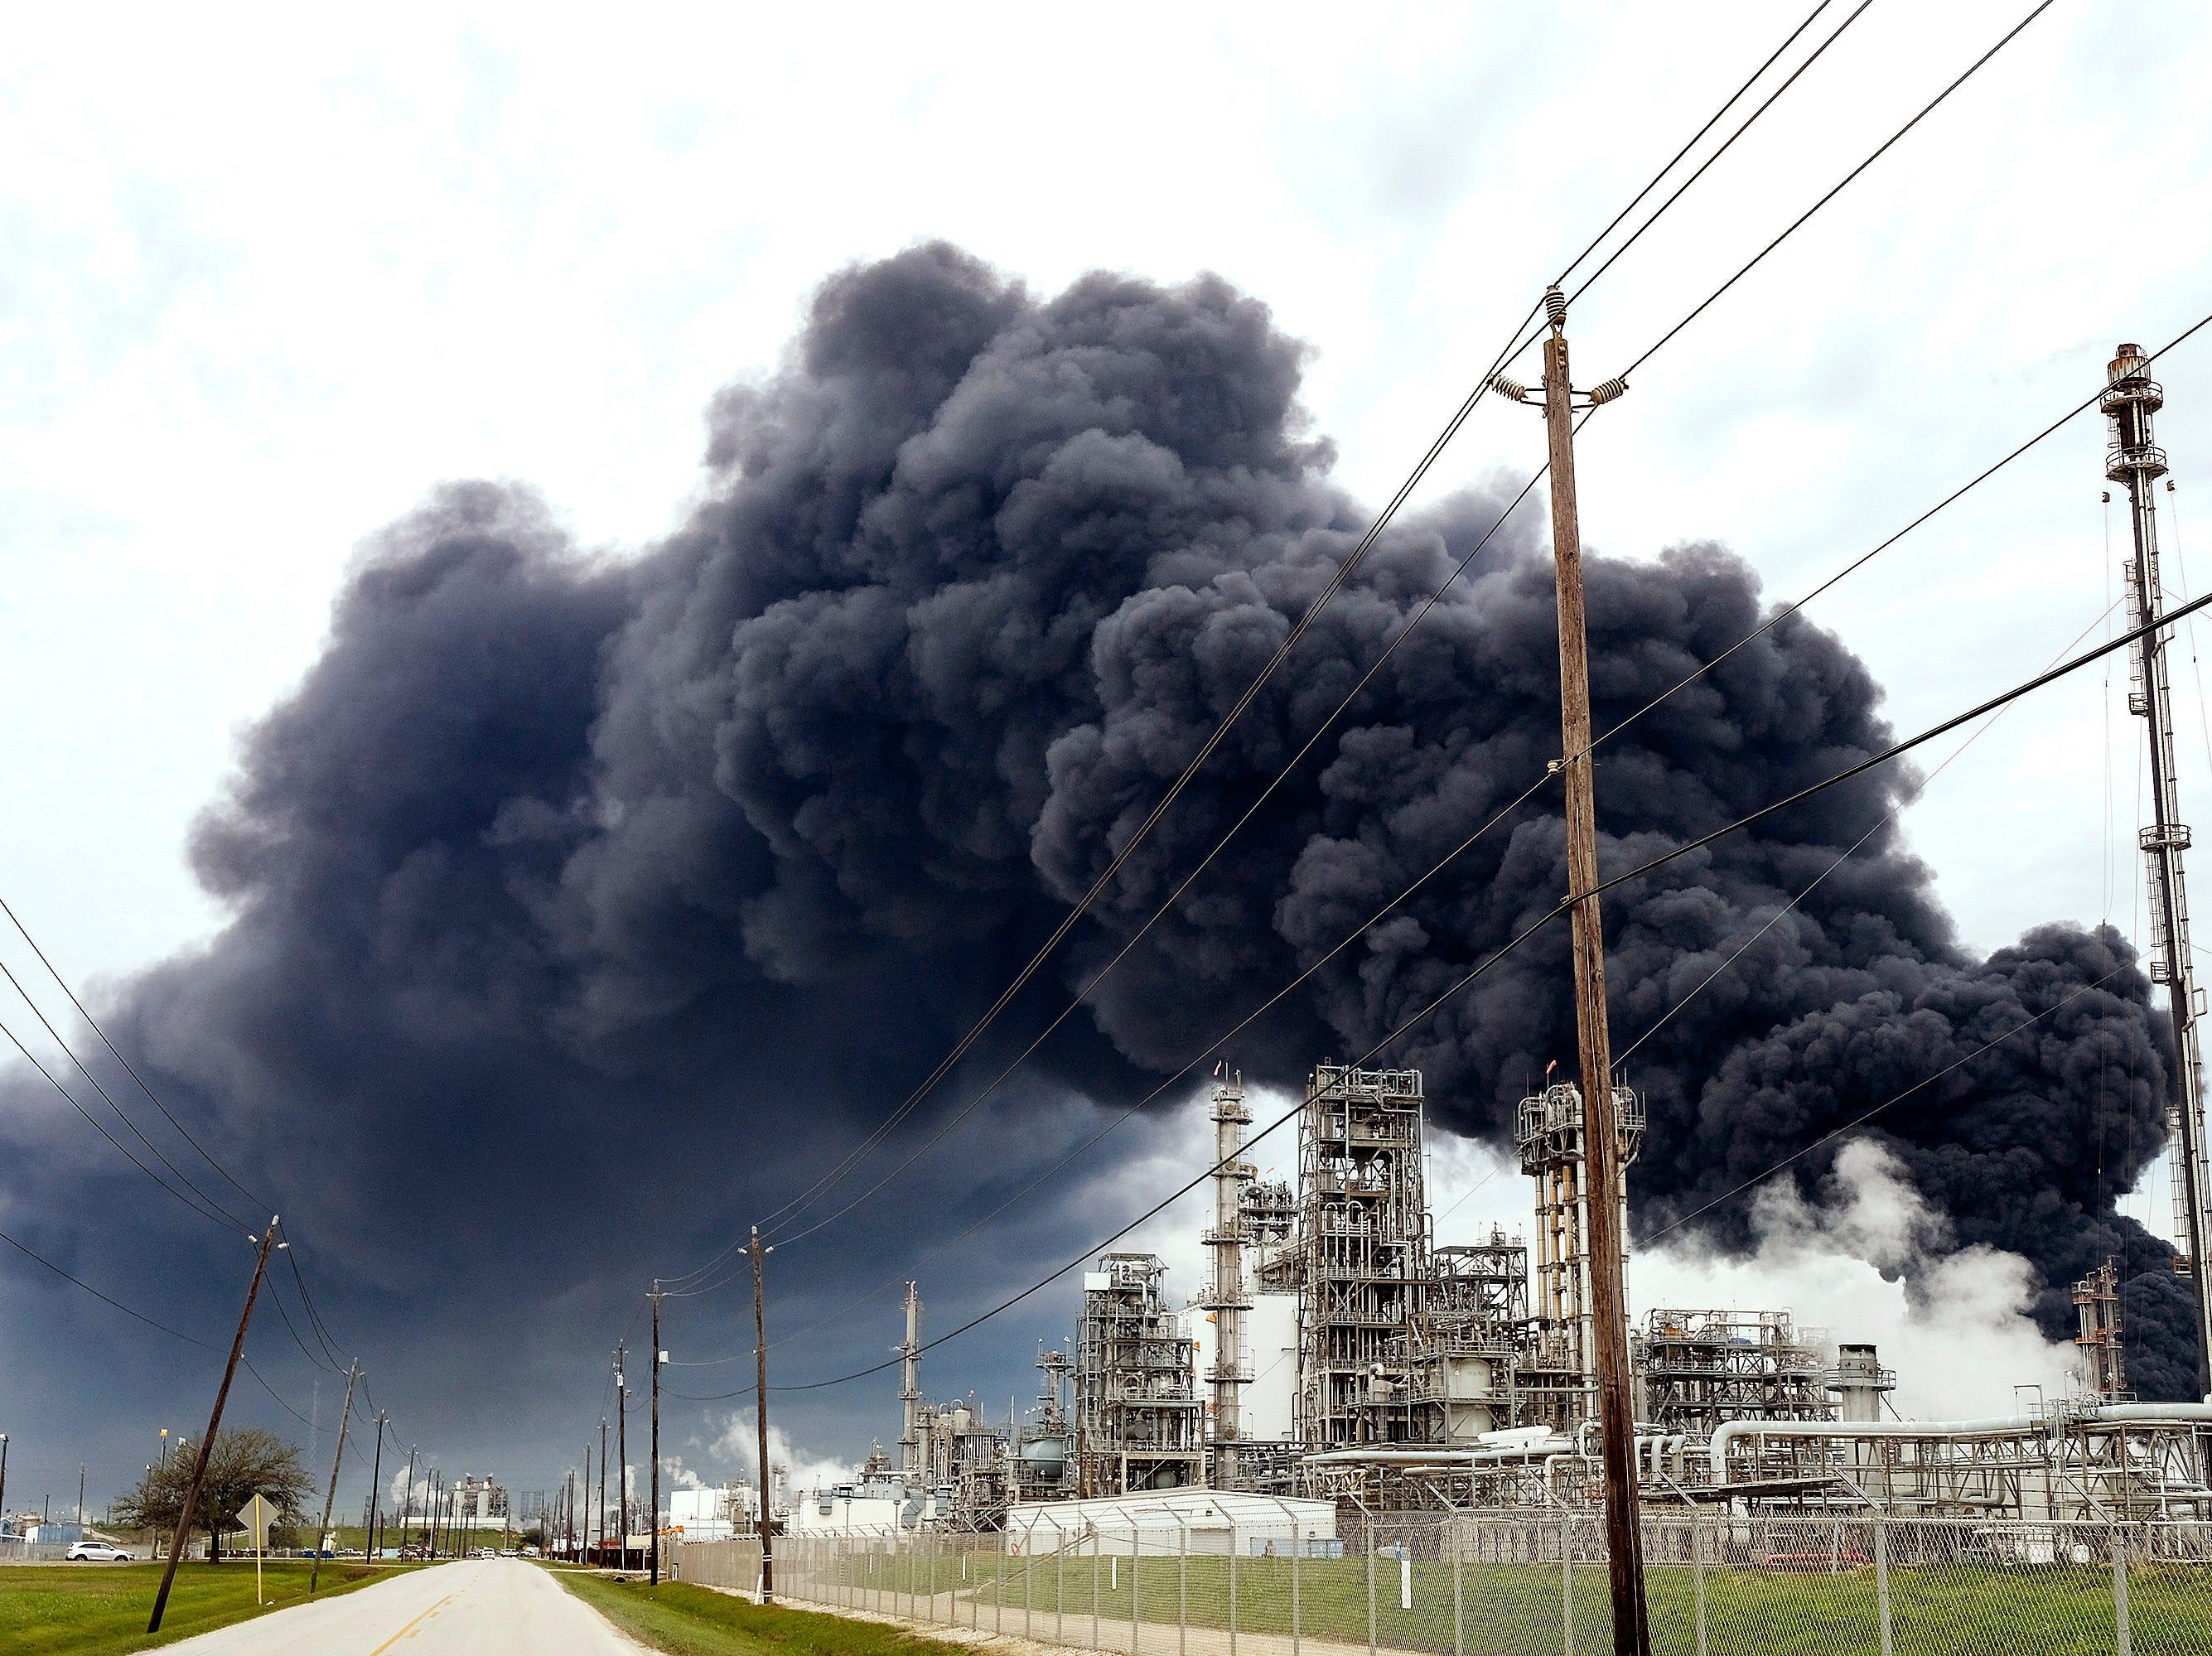 Ocho tanques de almacenamiento han sido impactados por las llamas en Intercontinental Terminals Company en Deer Park, a unas 15 millas al sudeste de Houston.